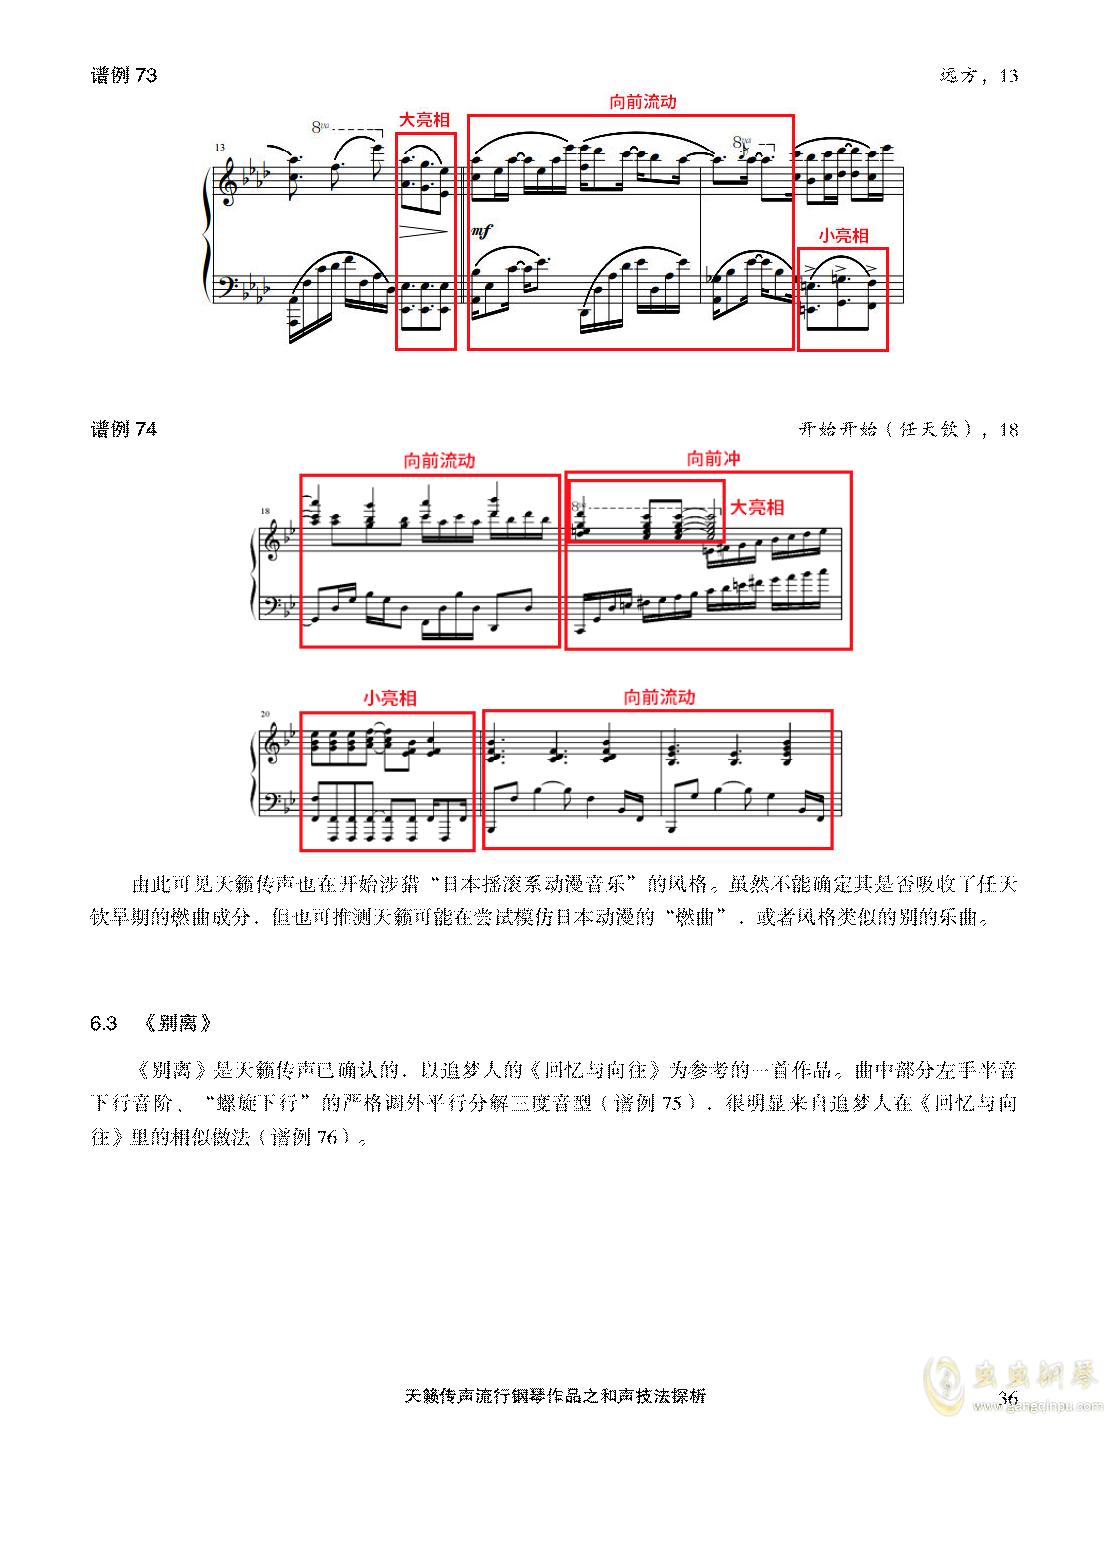 天籁传声和声技法探析澳门星际官网 第36页